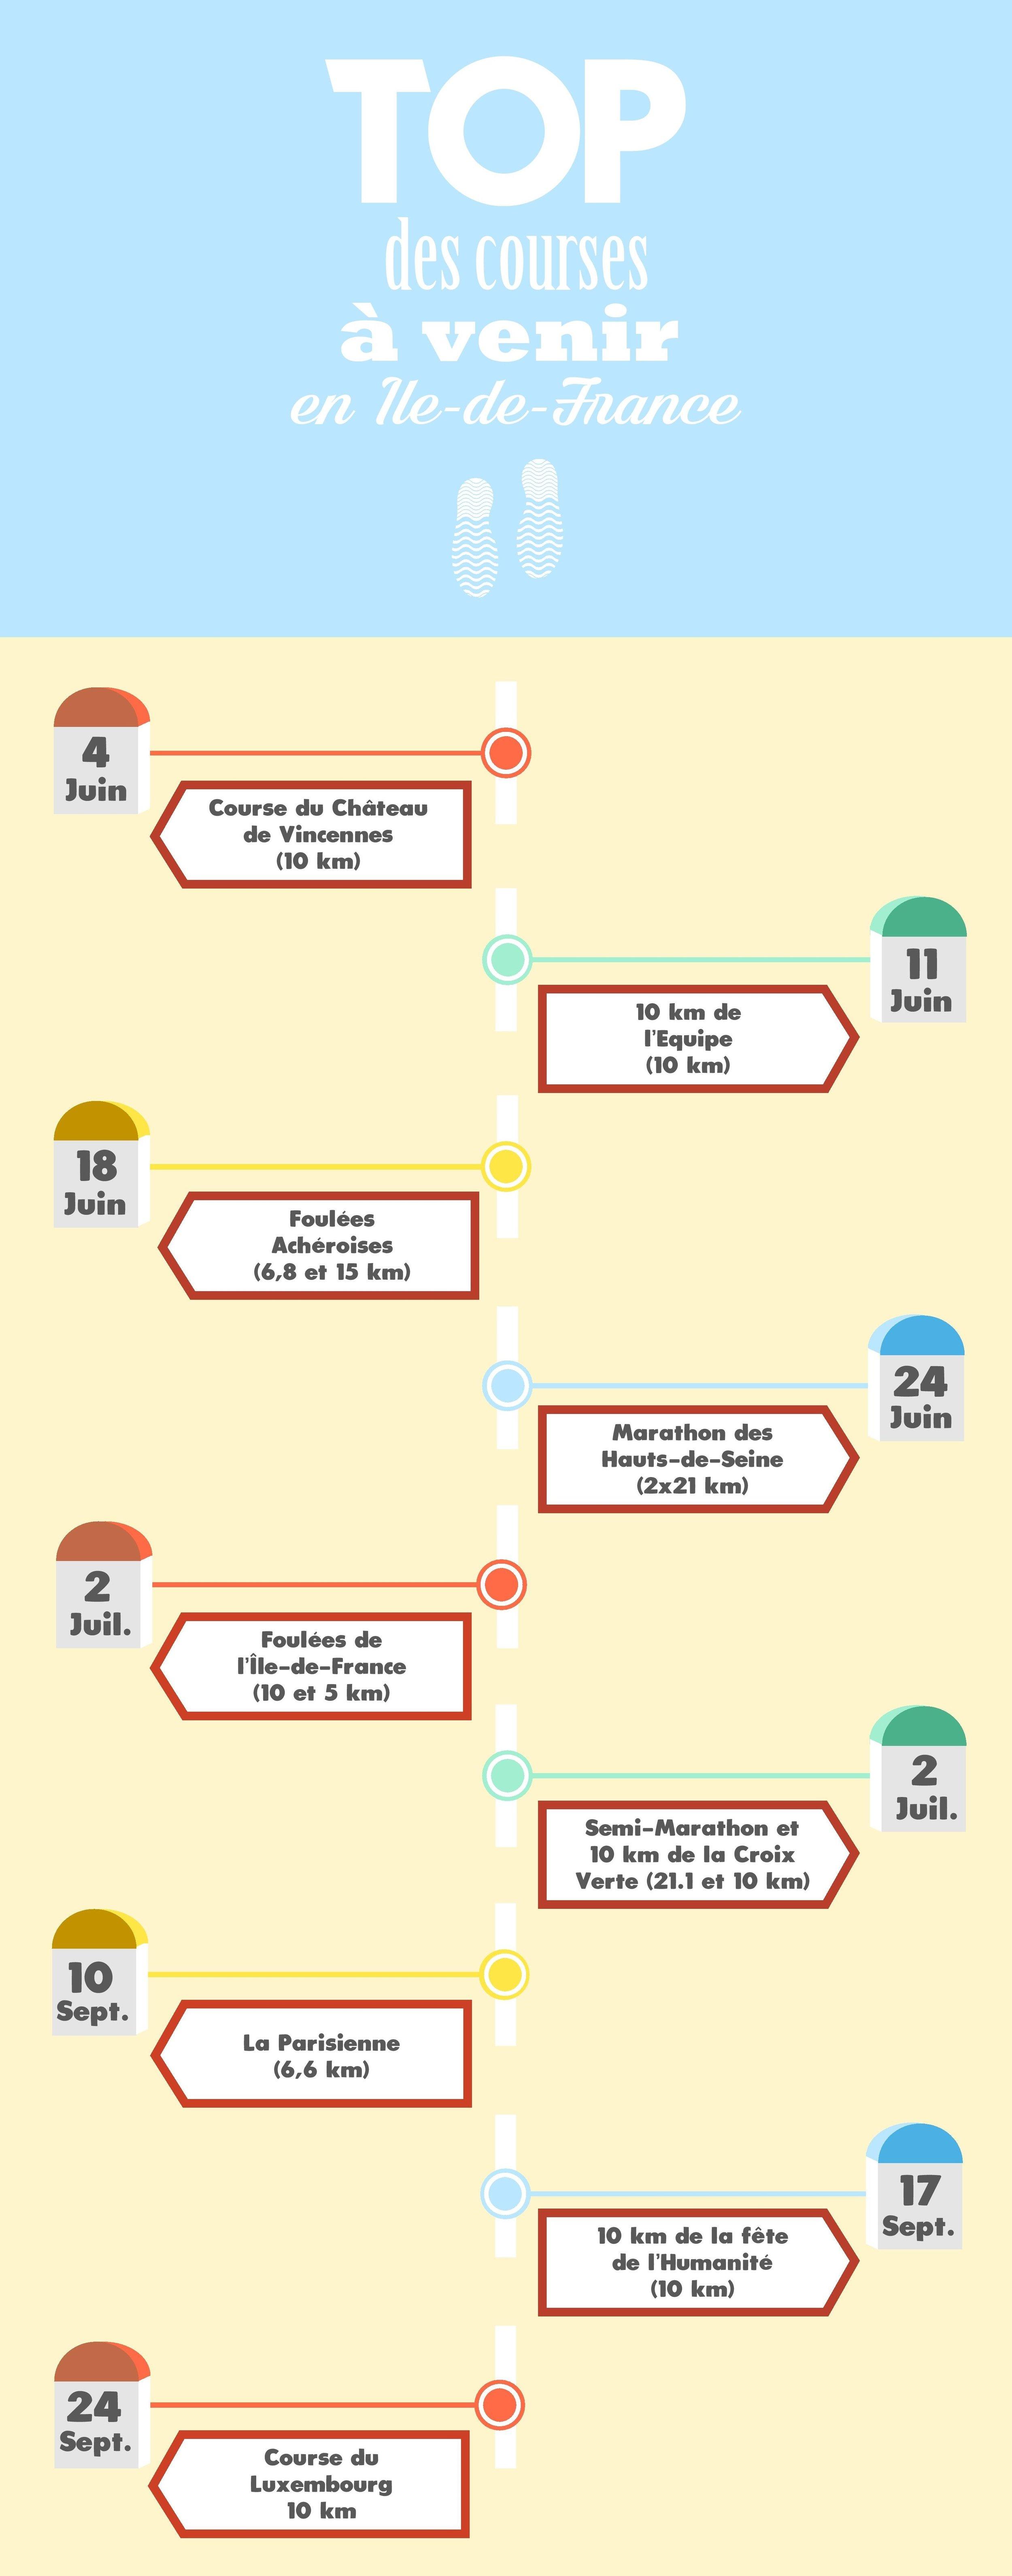 infographie-clinalliance-sport-courses-île-de-france partie 1.jpg